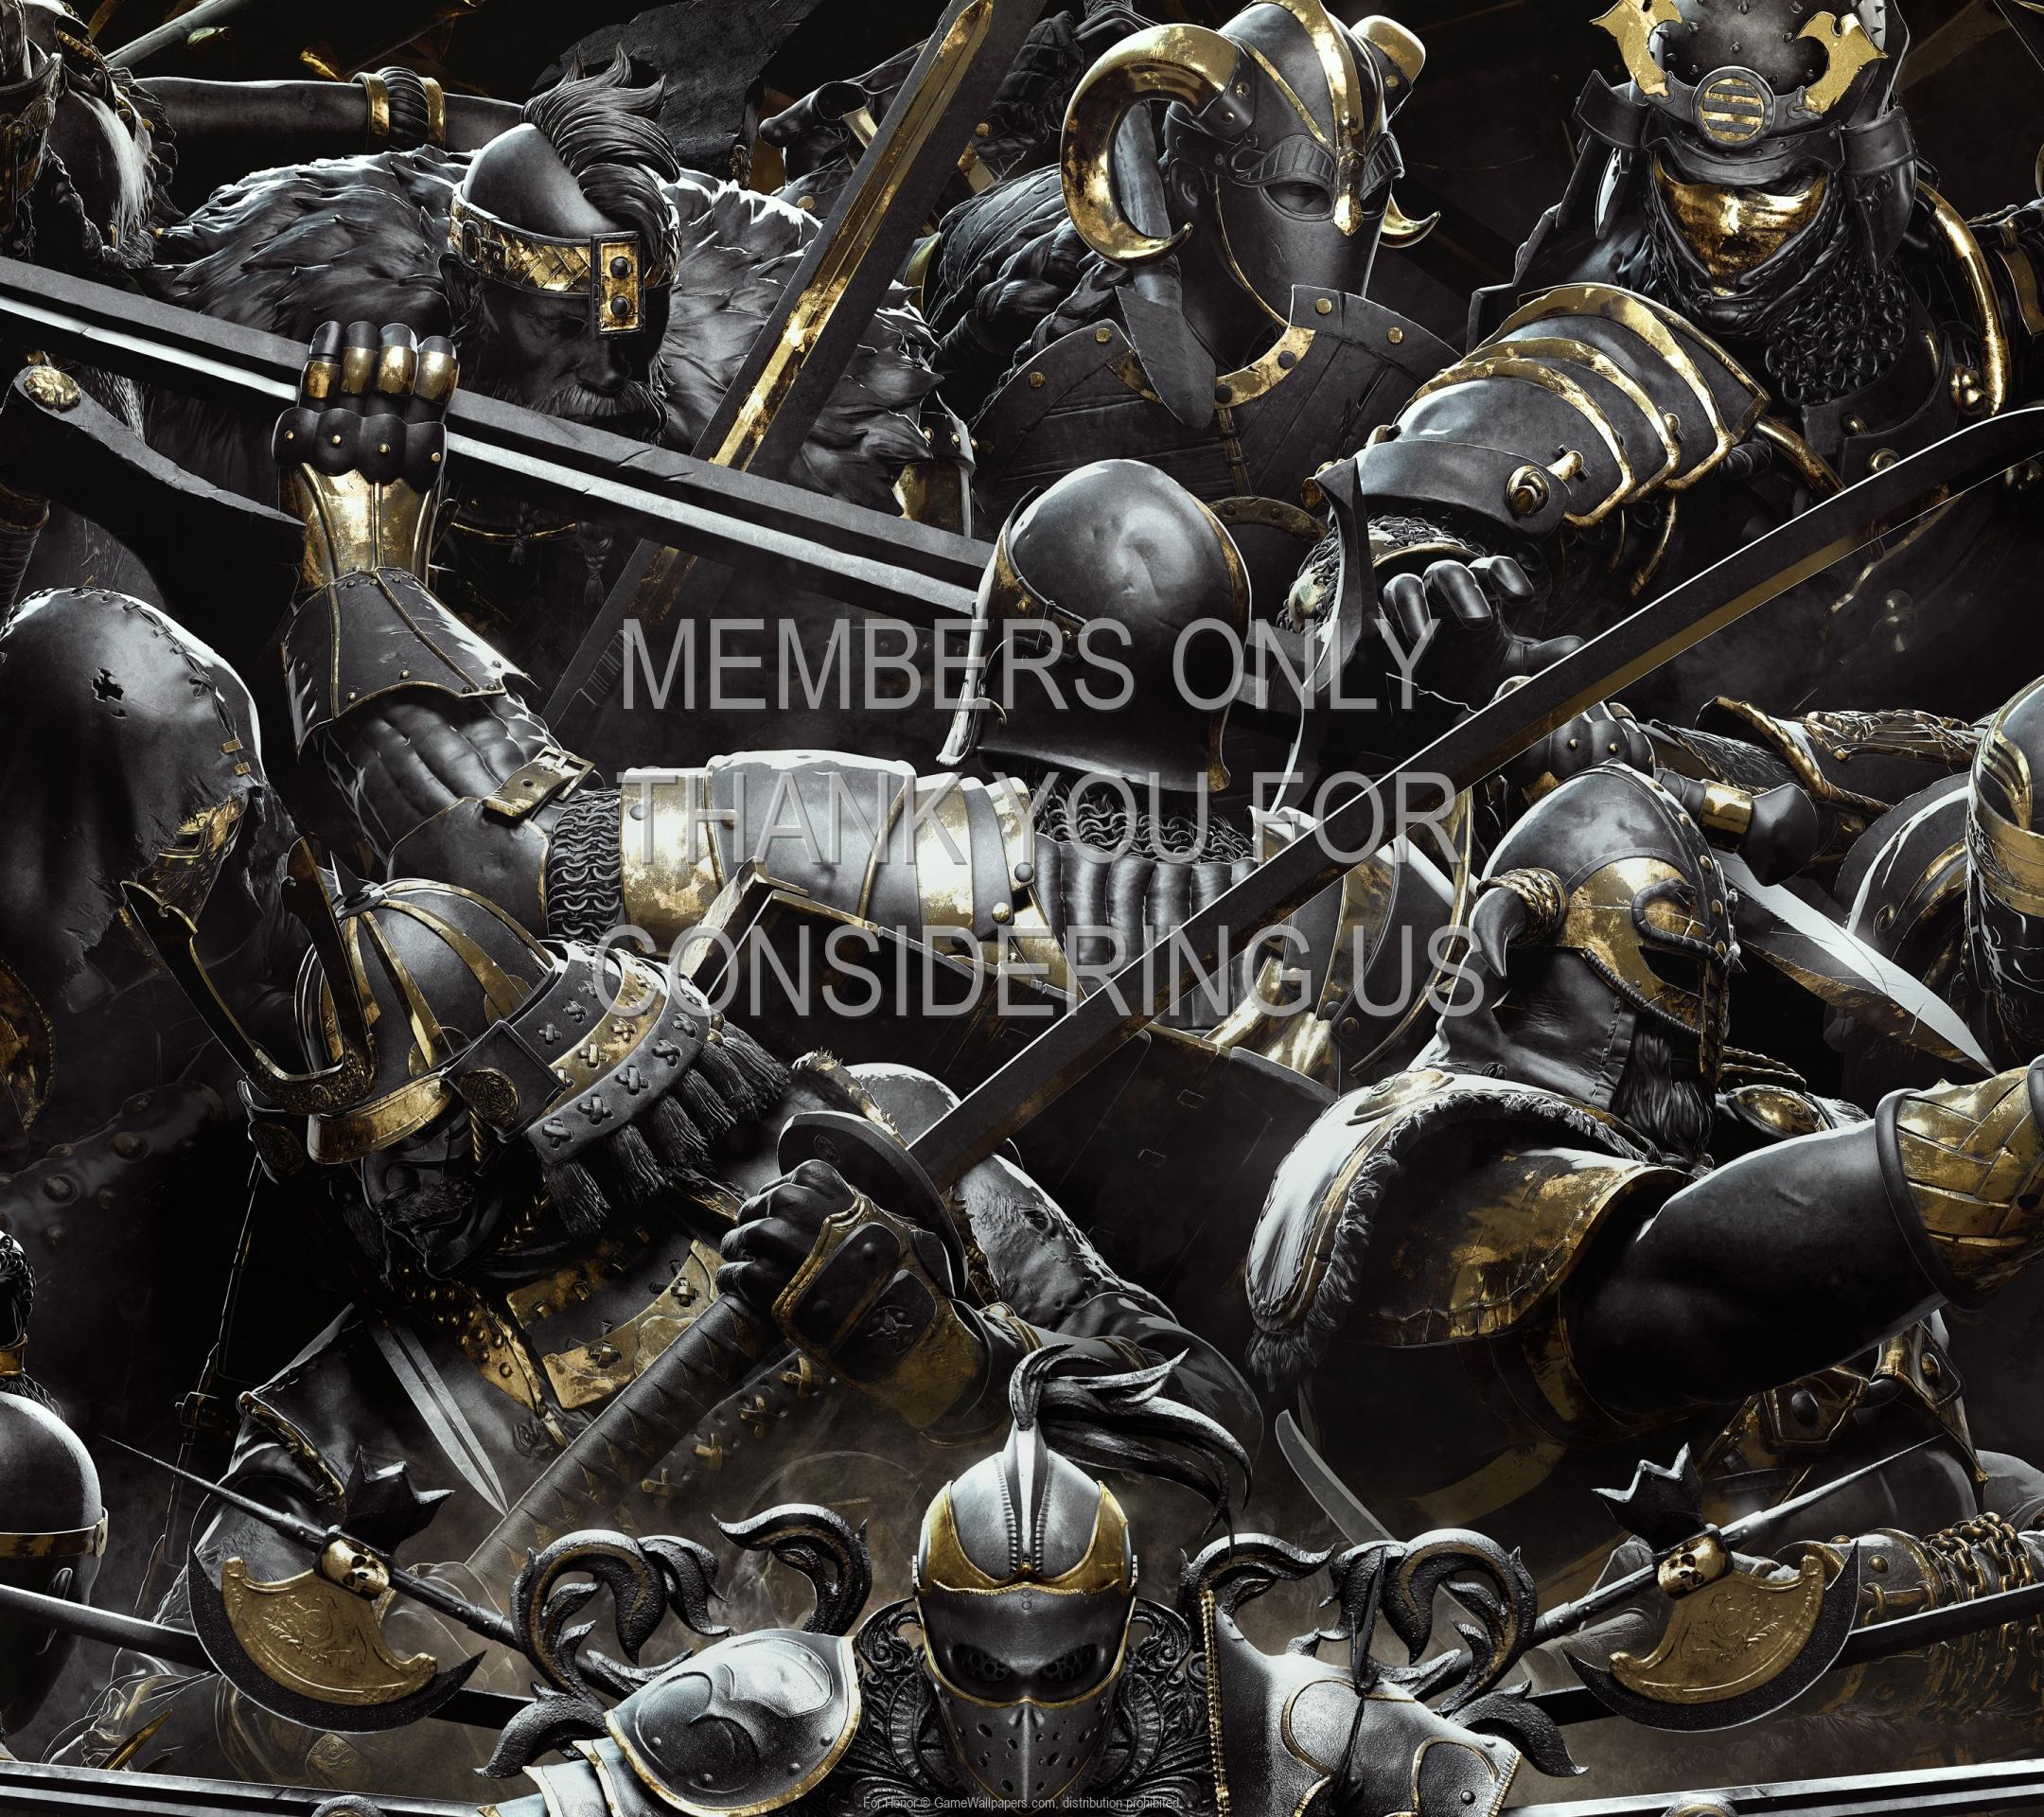 For Honor 1920x1080 Mobile fond d'écran 10